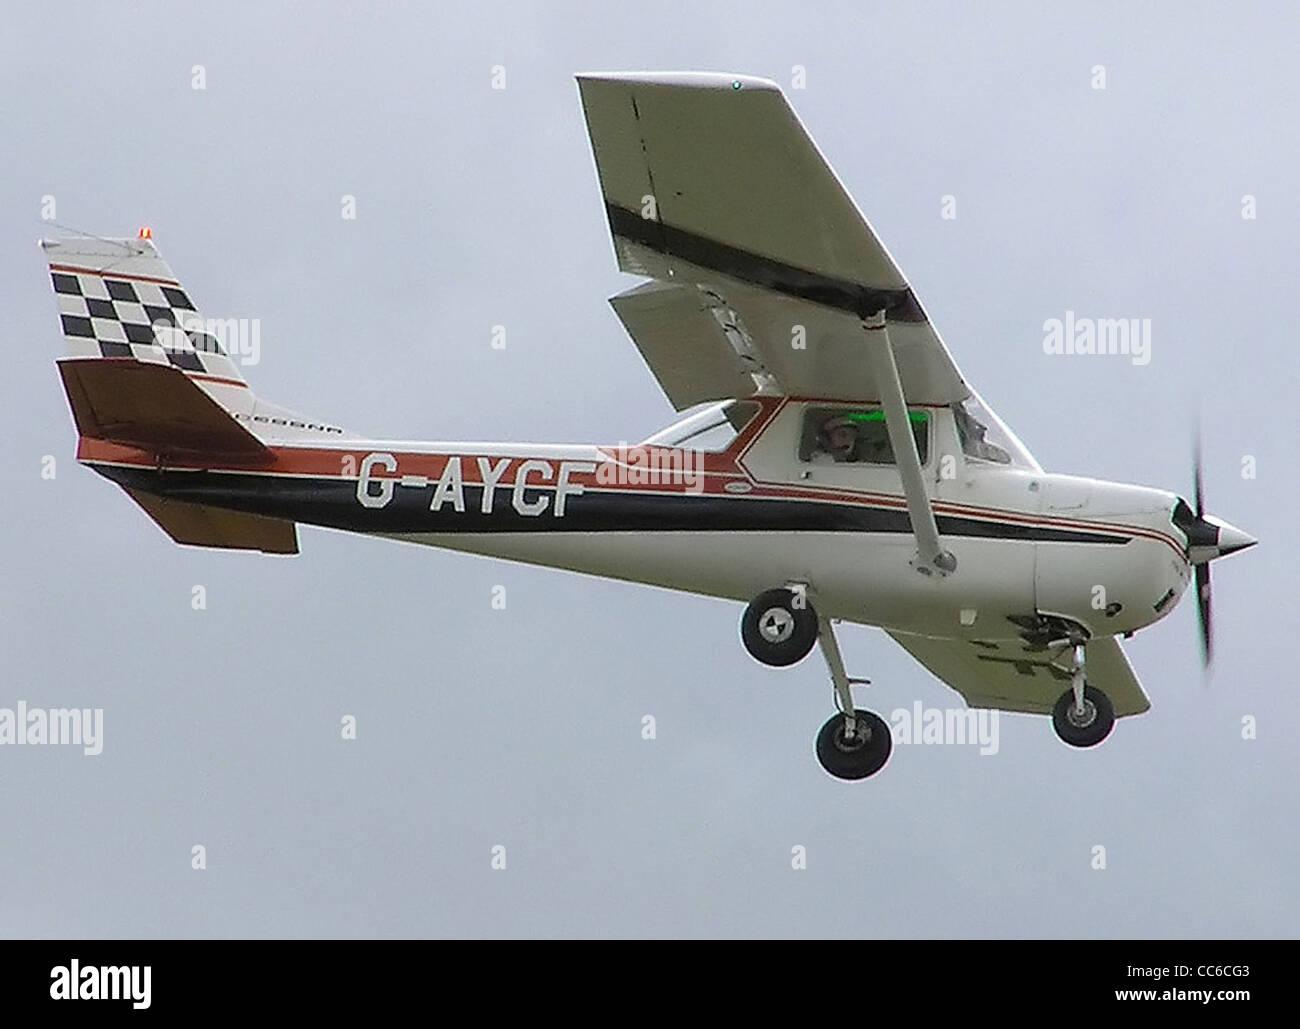 1970 Cessna FA150K (G-AYCF) landing at Hullavington airfield, Wiltshire, England. Built 1970. - Stock Image